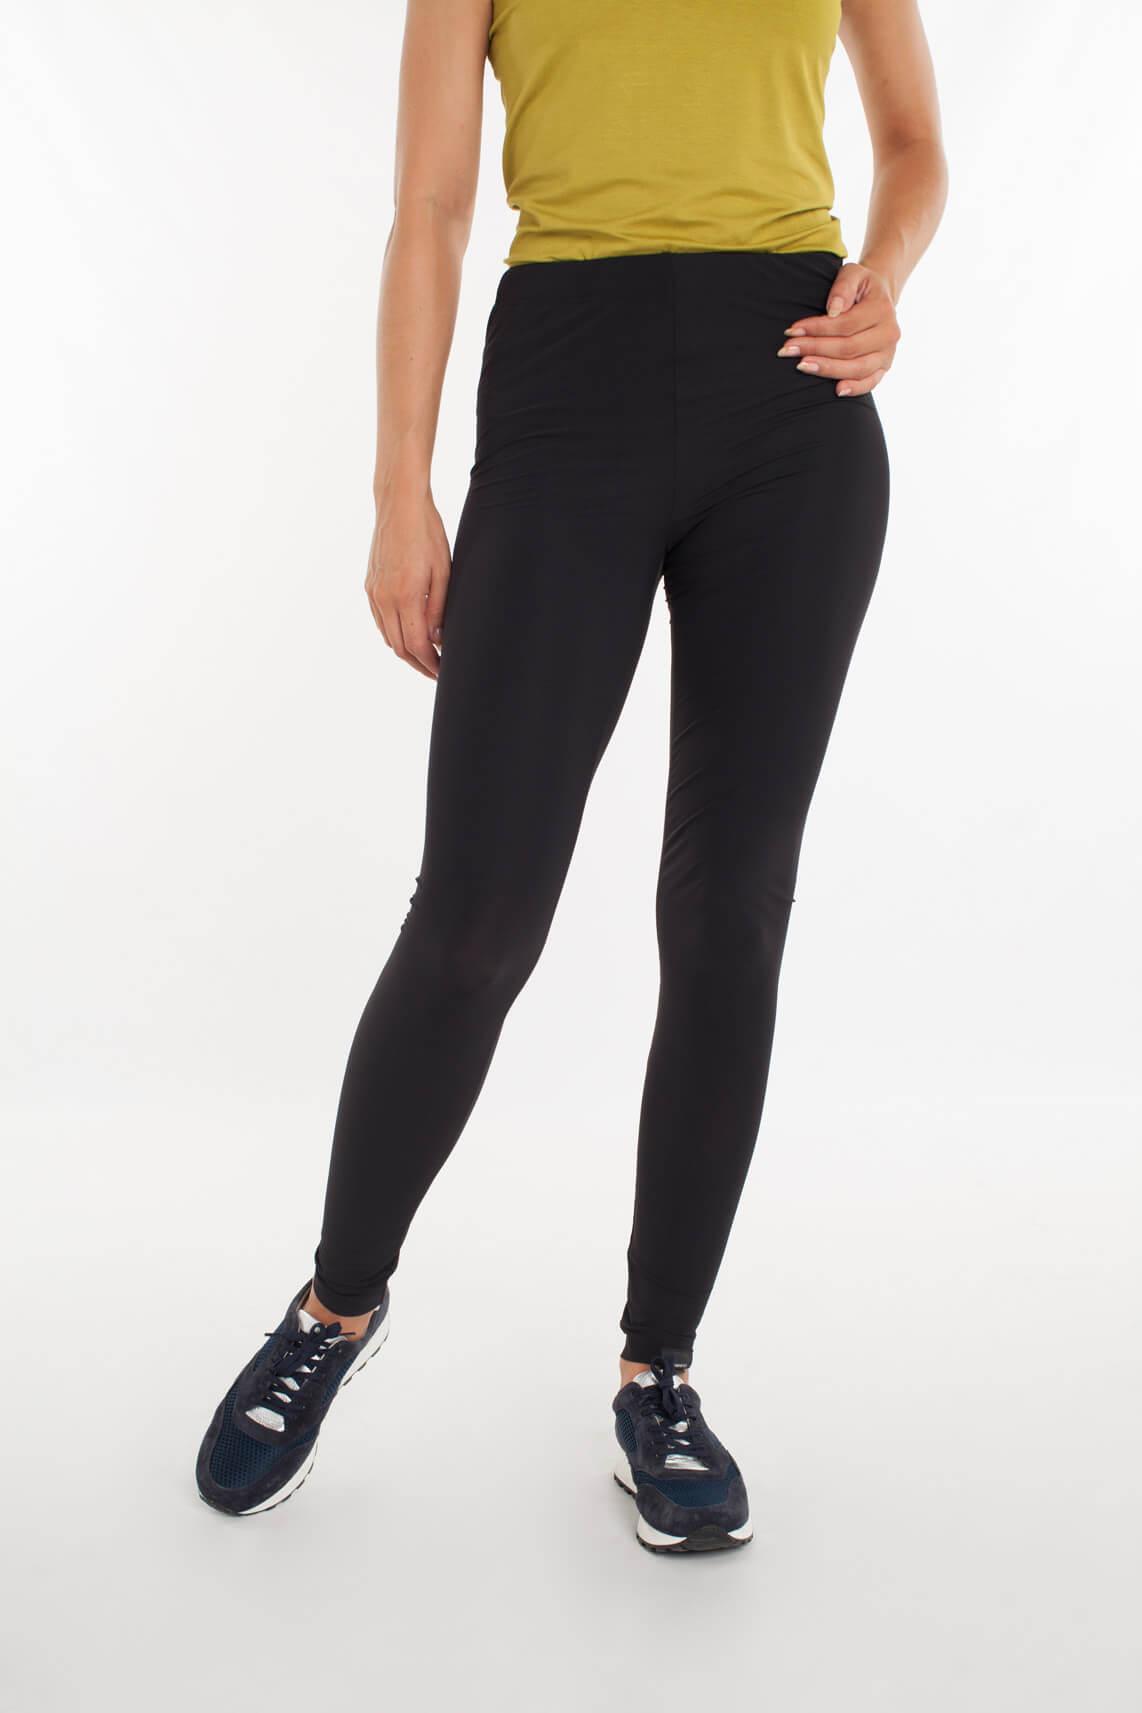 Penn & Ink Dames Comfortabele legging zwart